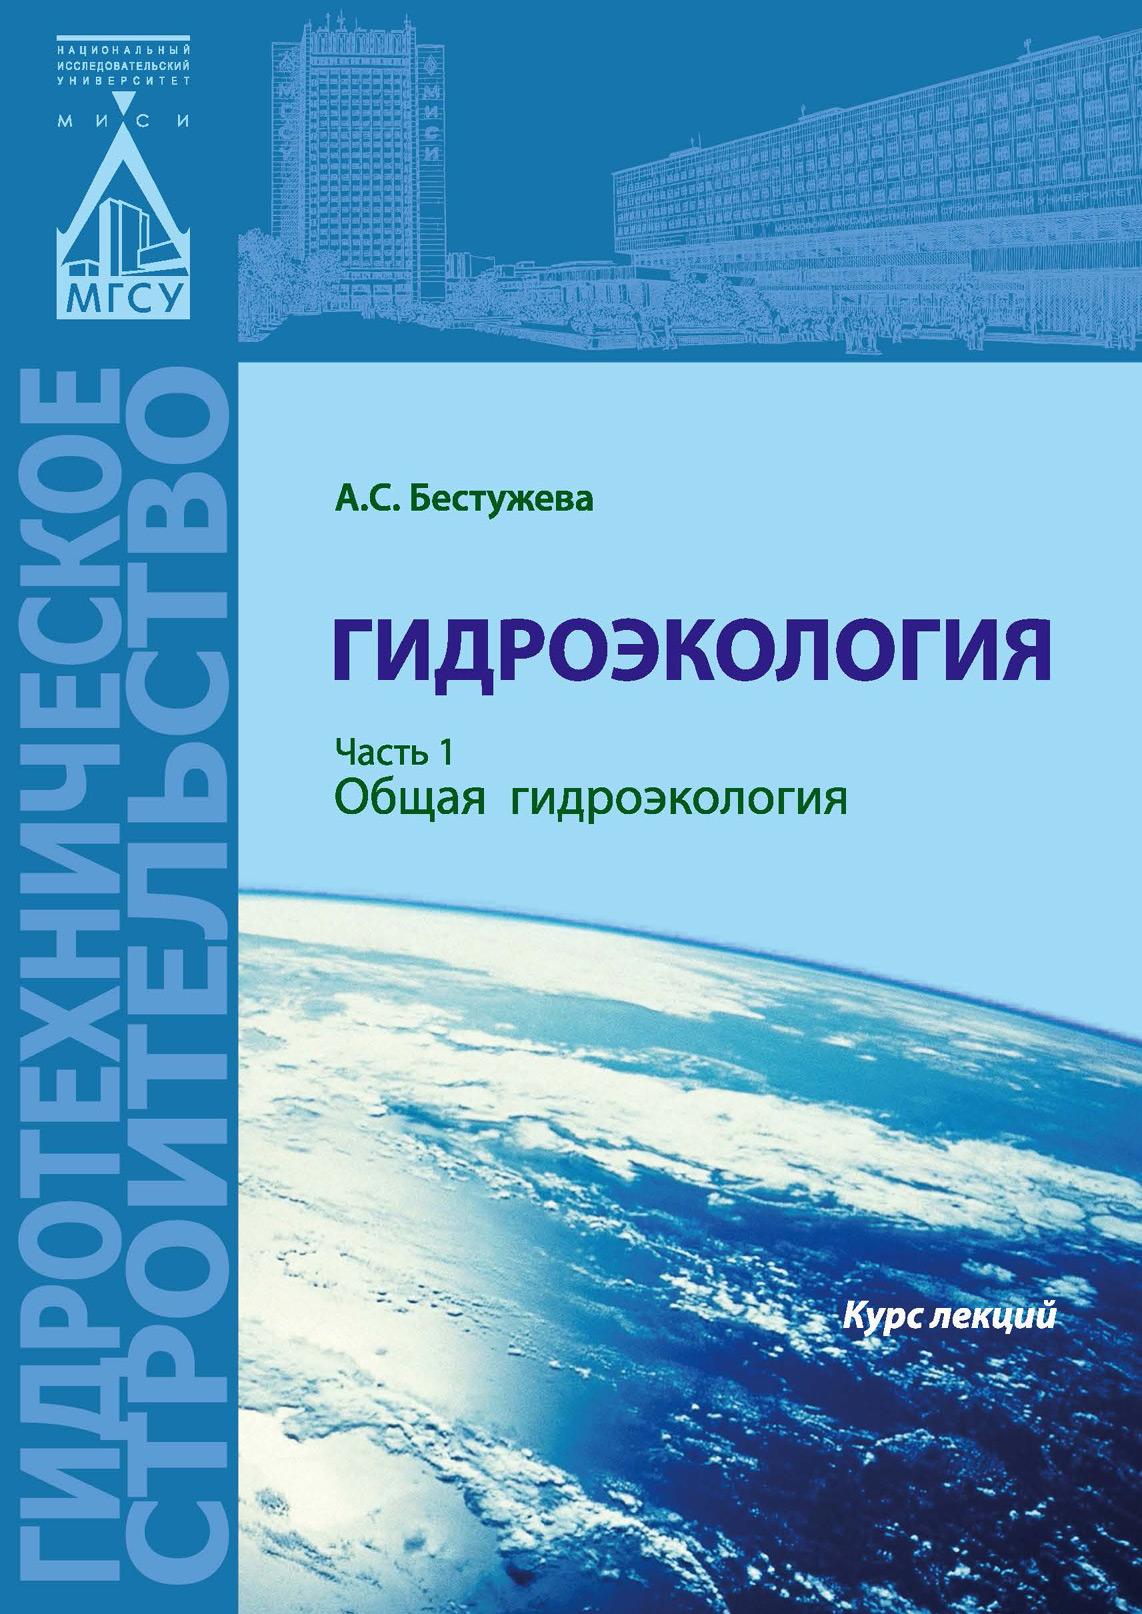 А. С. Бестужева Гидроэкология. Часть 1. Общая гидроэкология